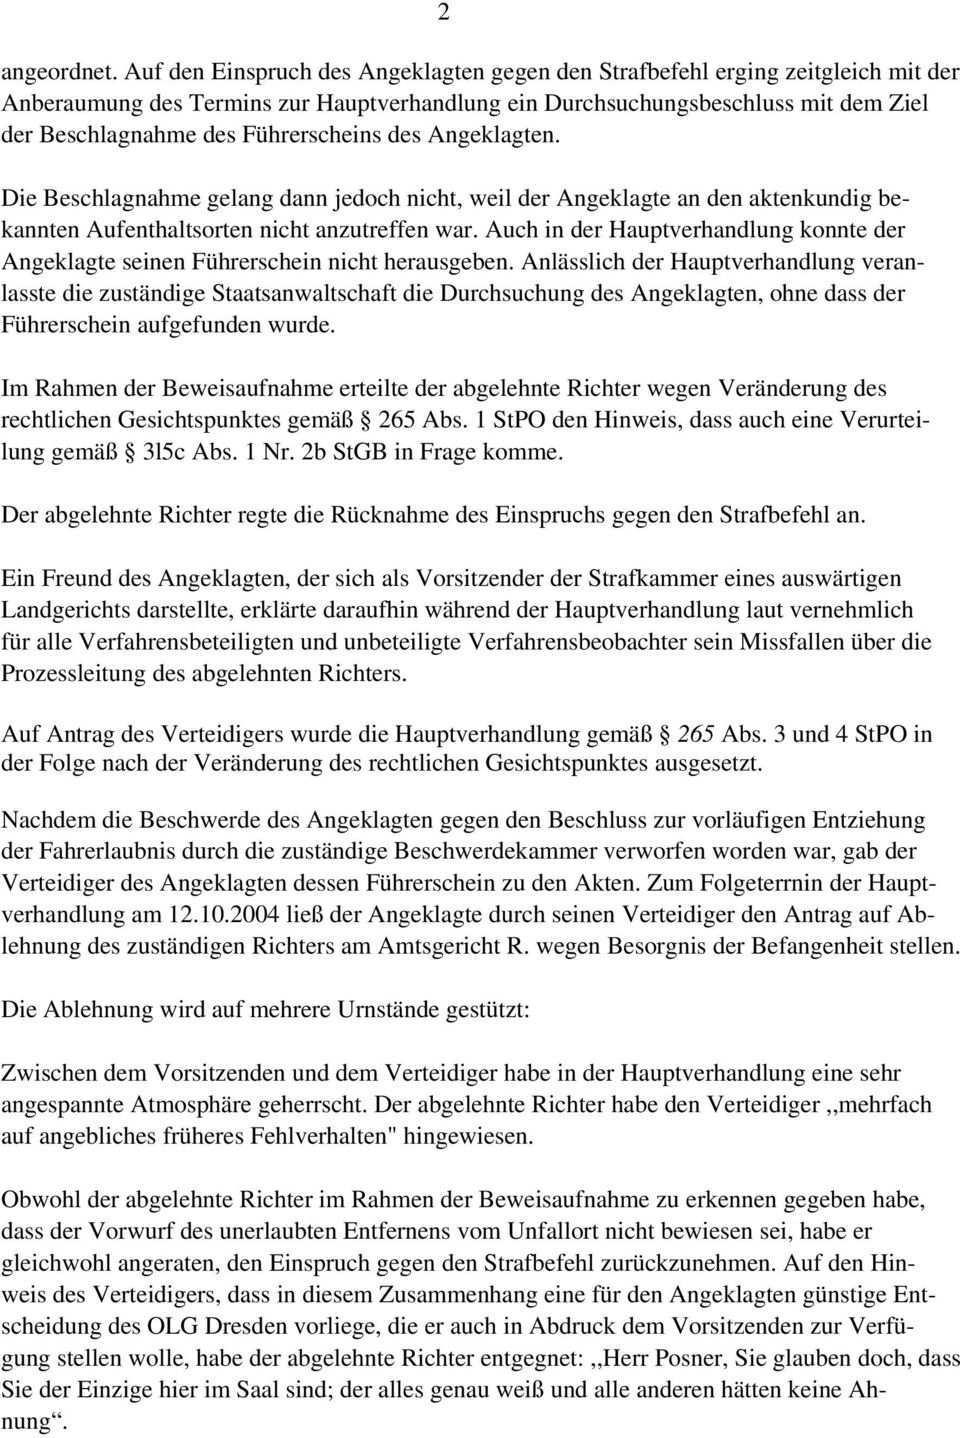 B E S C H L U S S Vom Erlasst Das Amtsgericht Strafgericht Plauen Durch Direktor Des Amtsgerichts Klein Den Beschluss Pdf Free Download